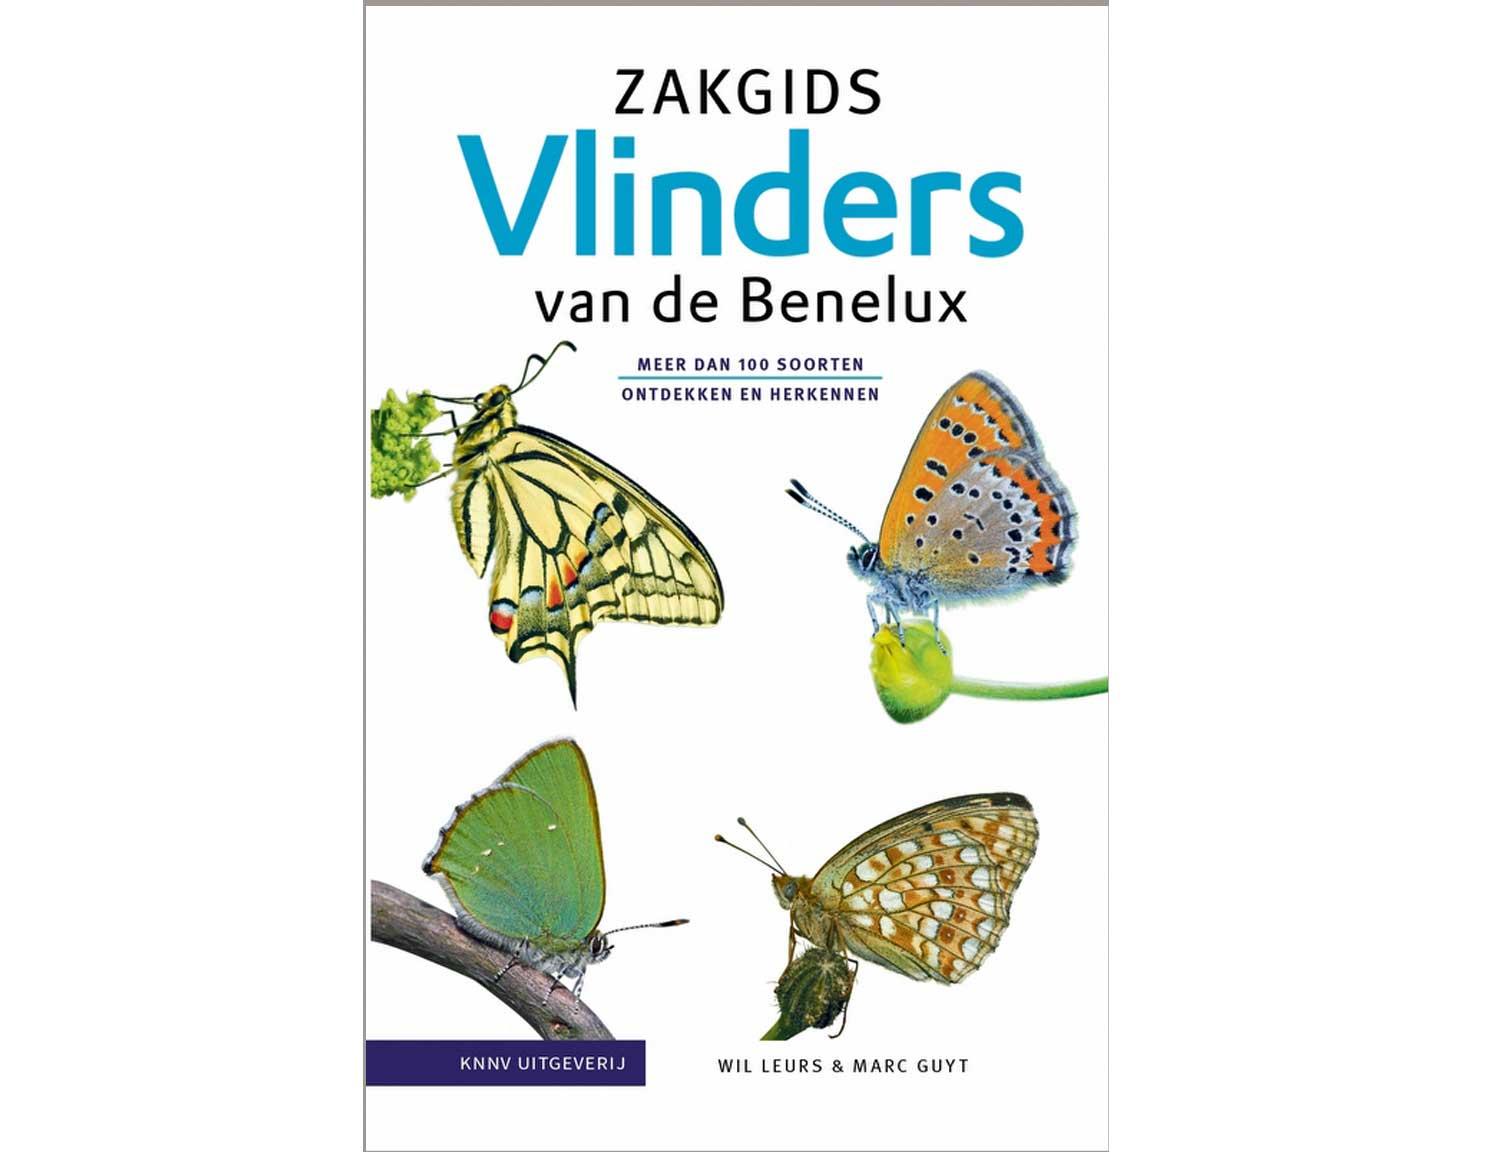 zakgids_vlinders_van_de_benelux